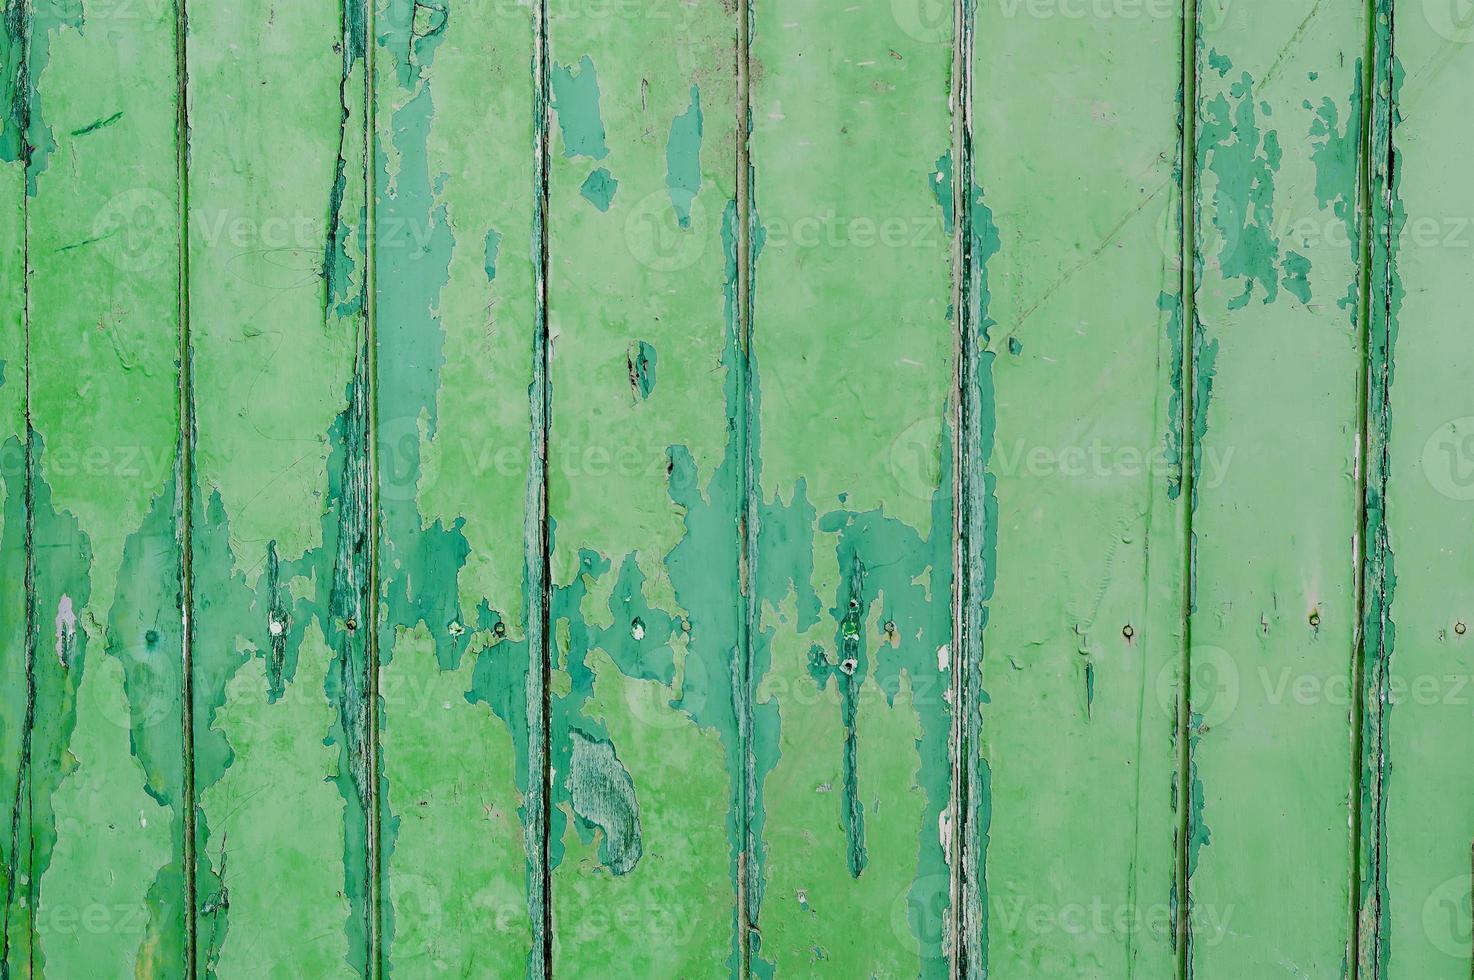 schälende Farbe grüne Holzwand foto